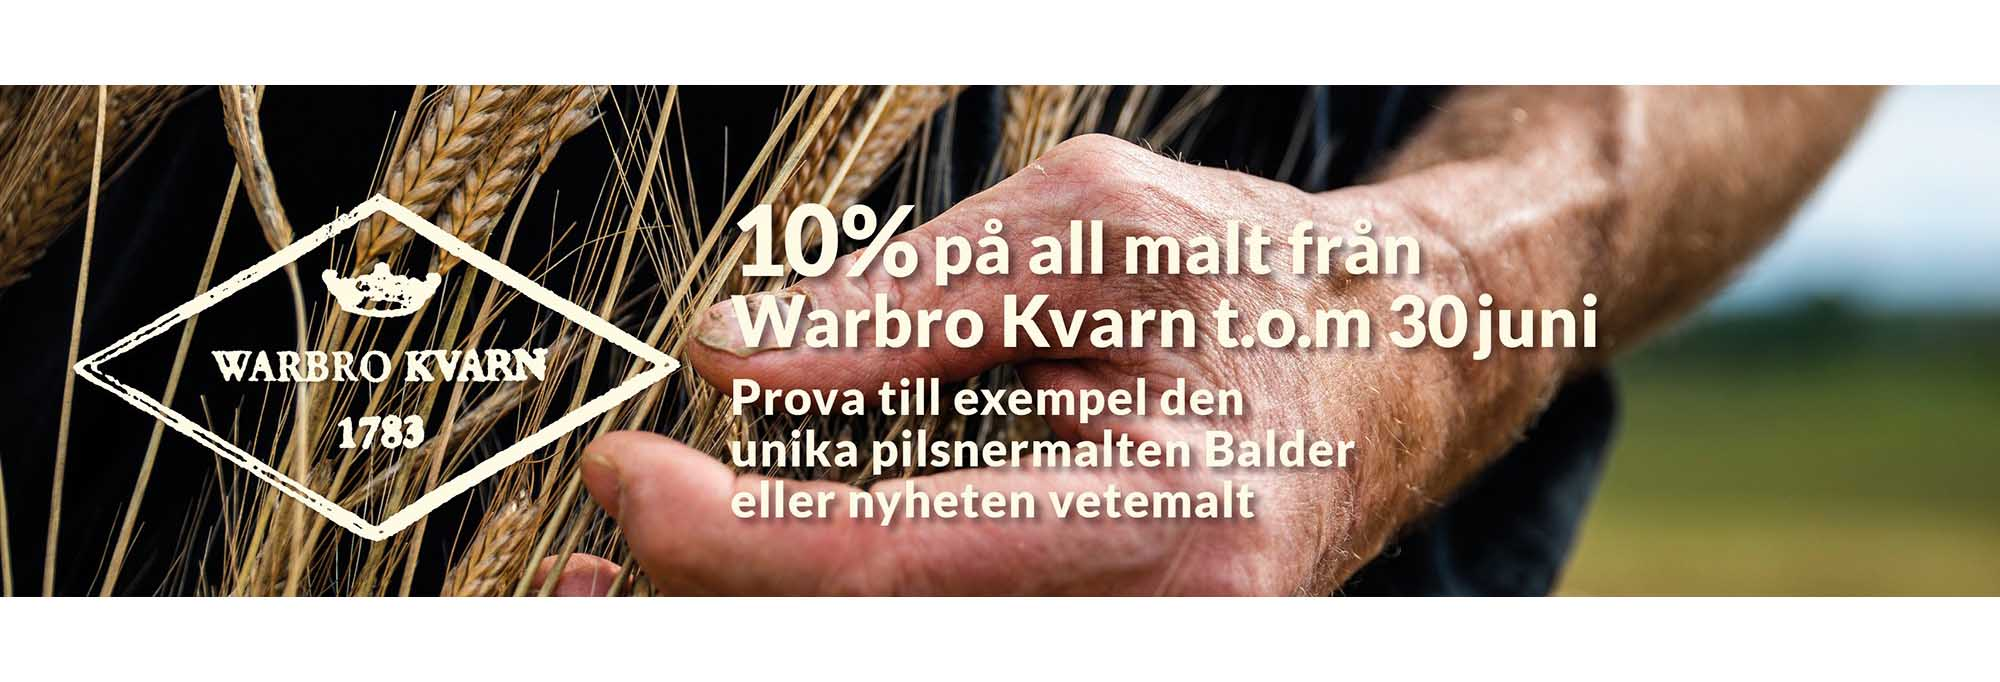 slider-image-https://maltmagnus.se/image/3463/warbro-banner.jpg